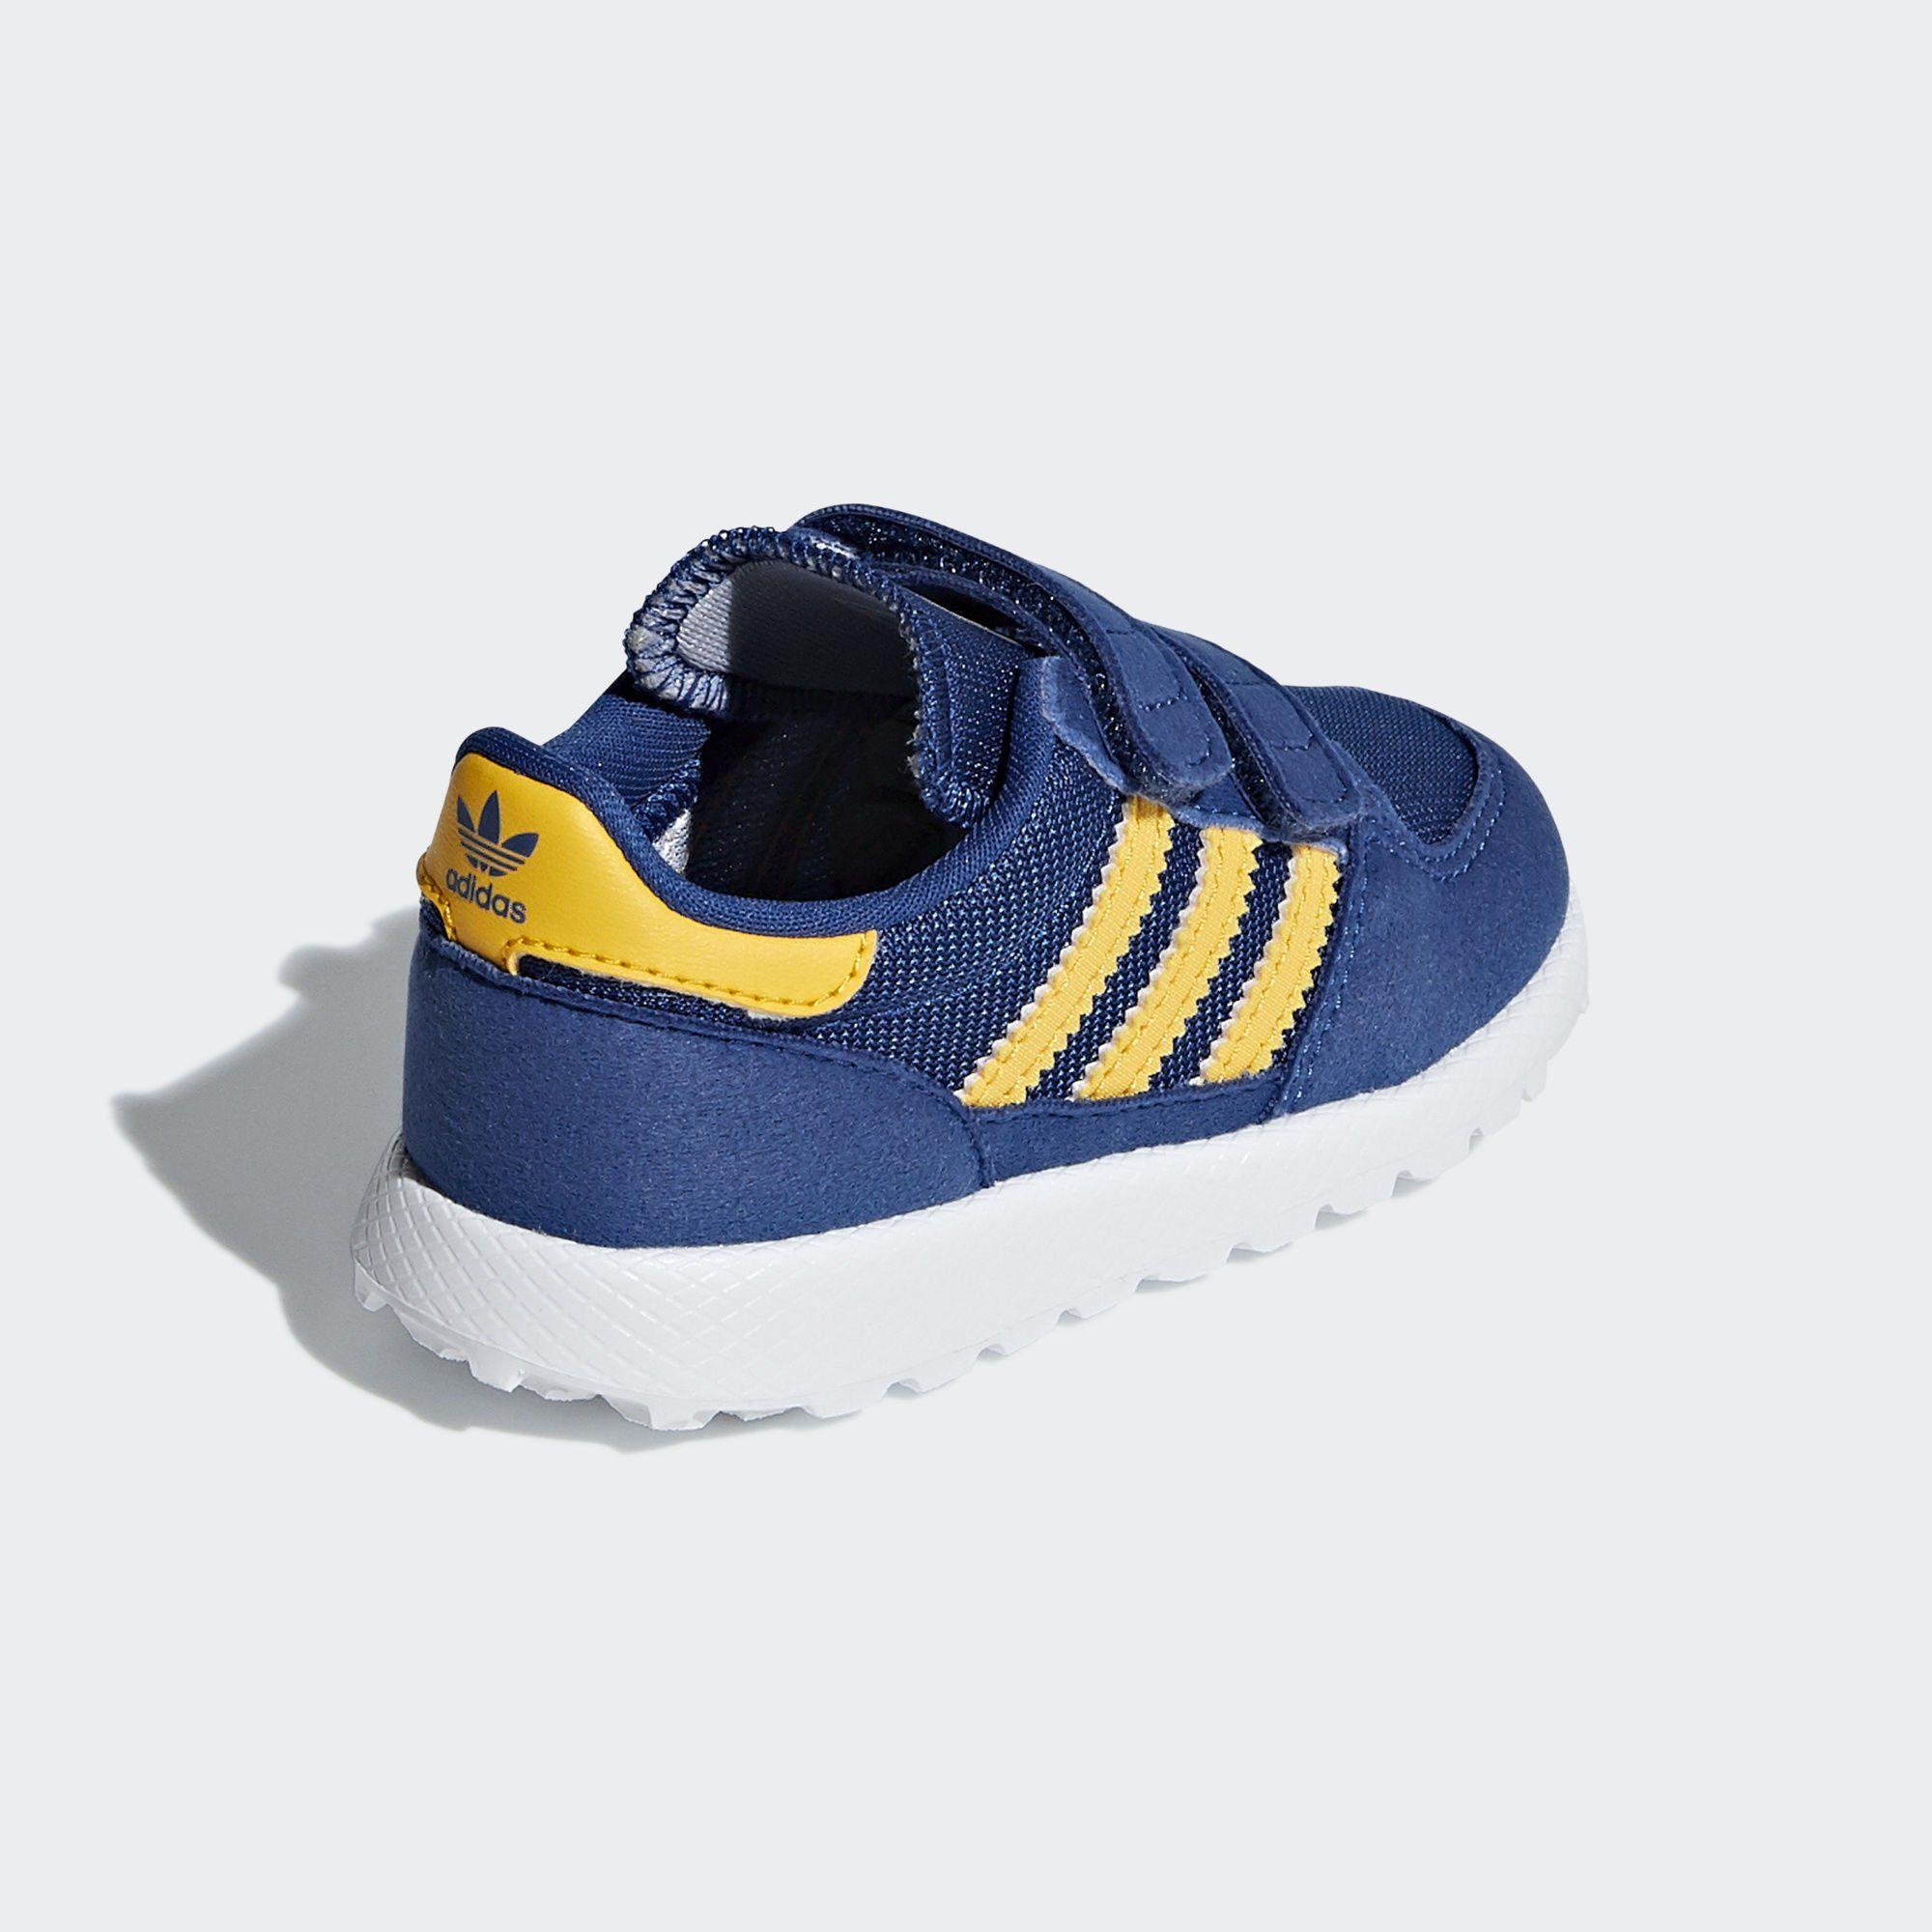 »forest Sneaker Adidas Grove Schuh« Forest KaufenOtto Online Originals 0nPXwk8O